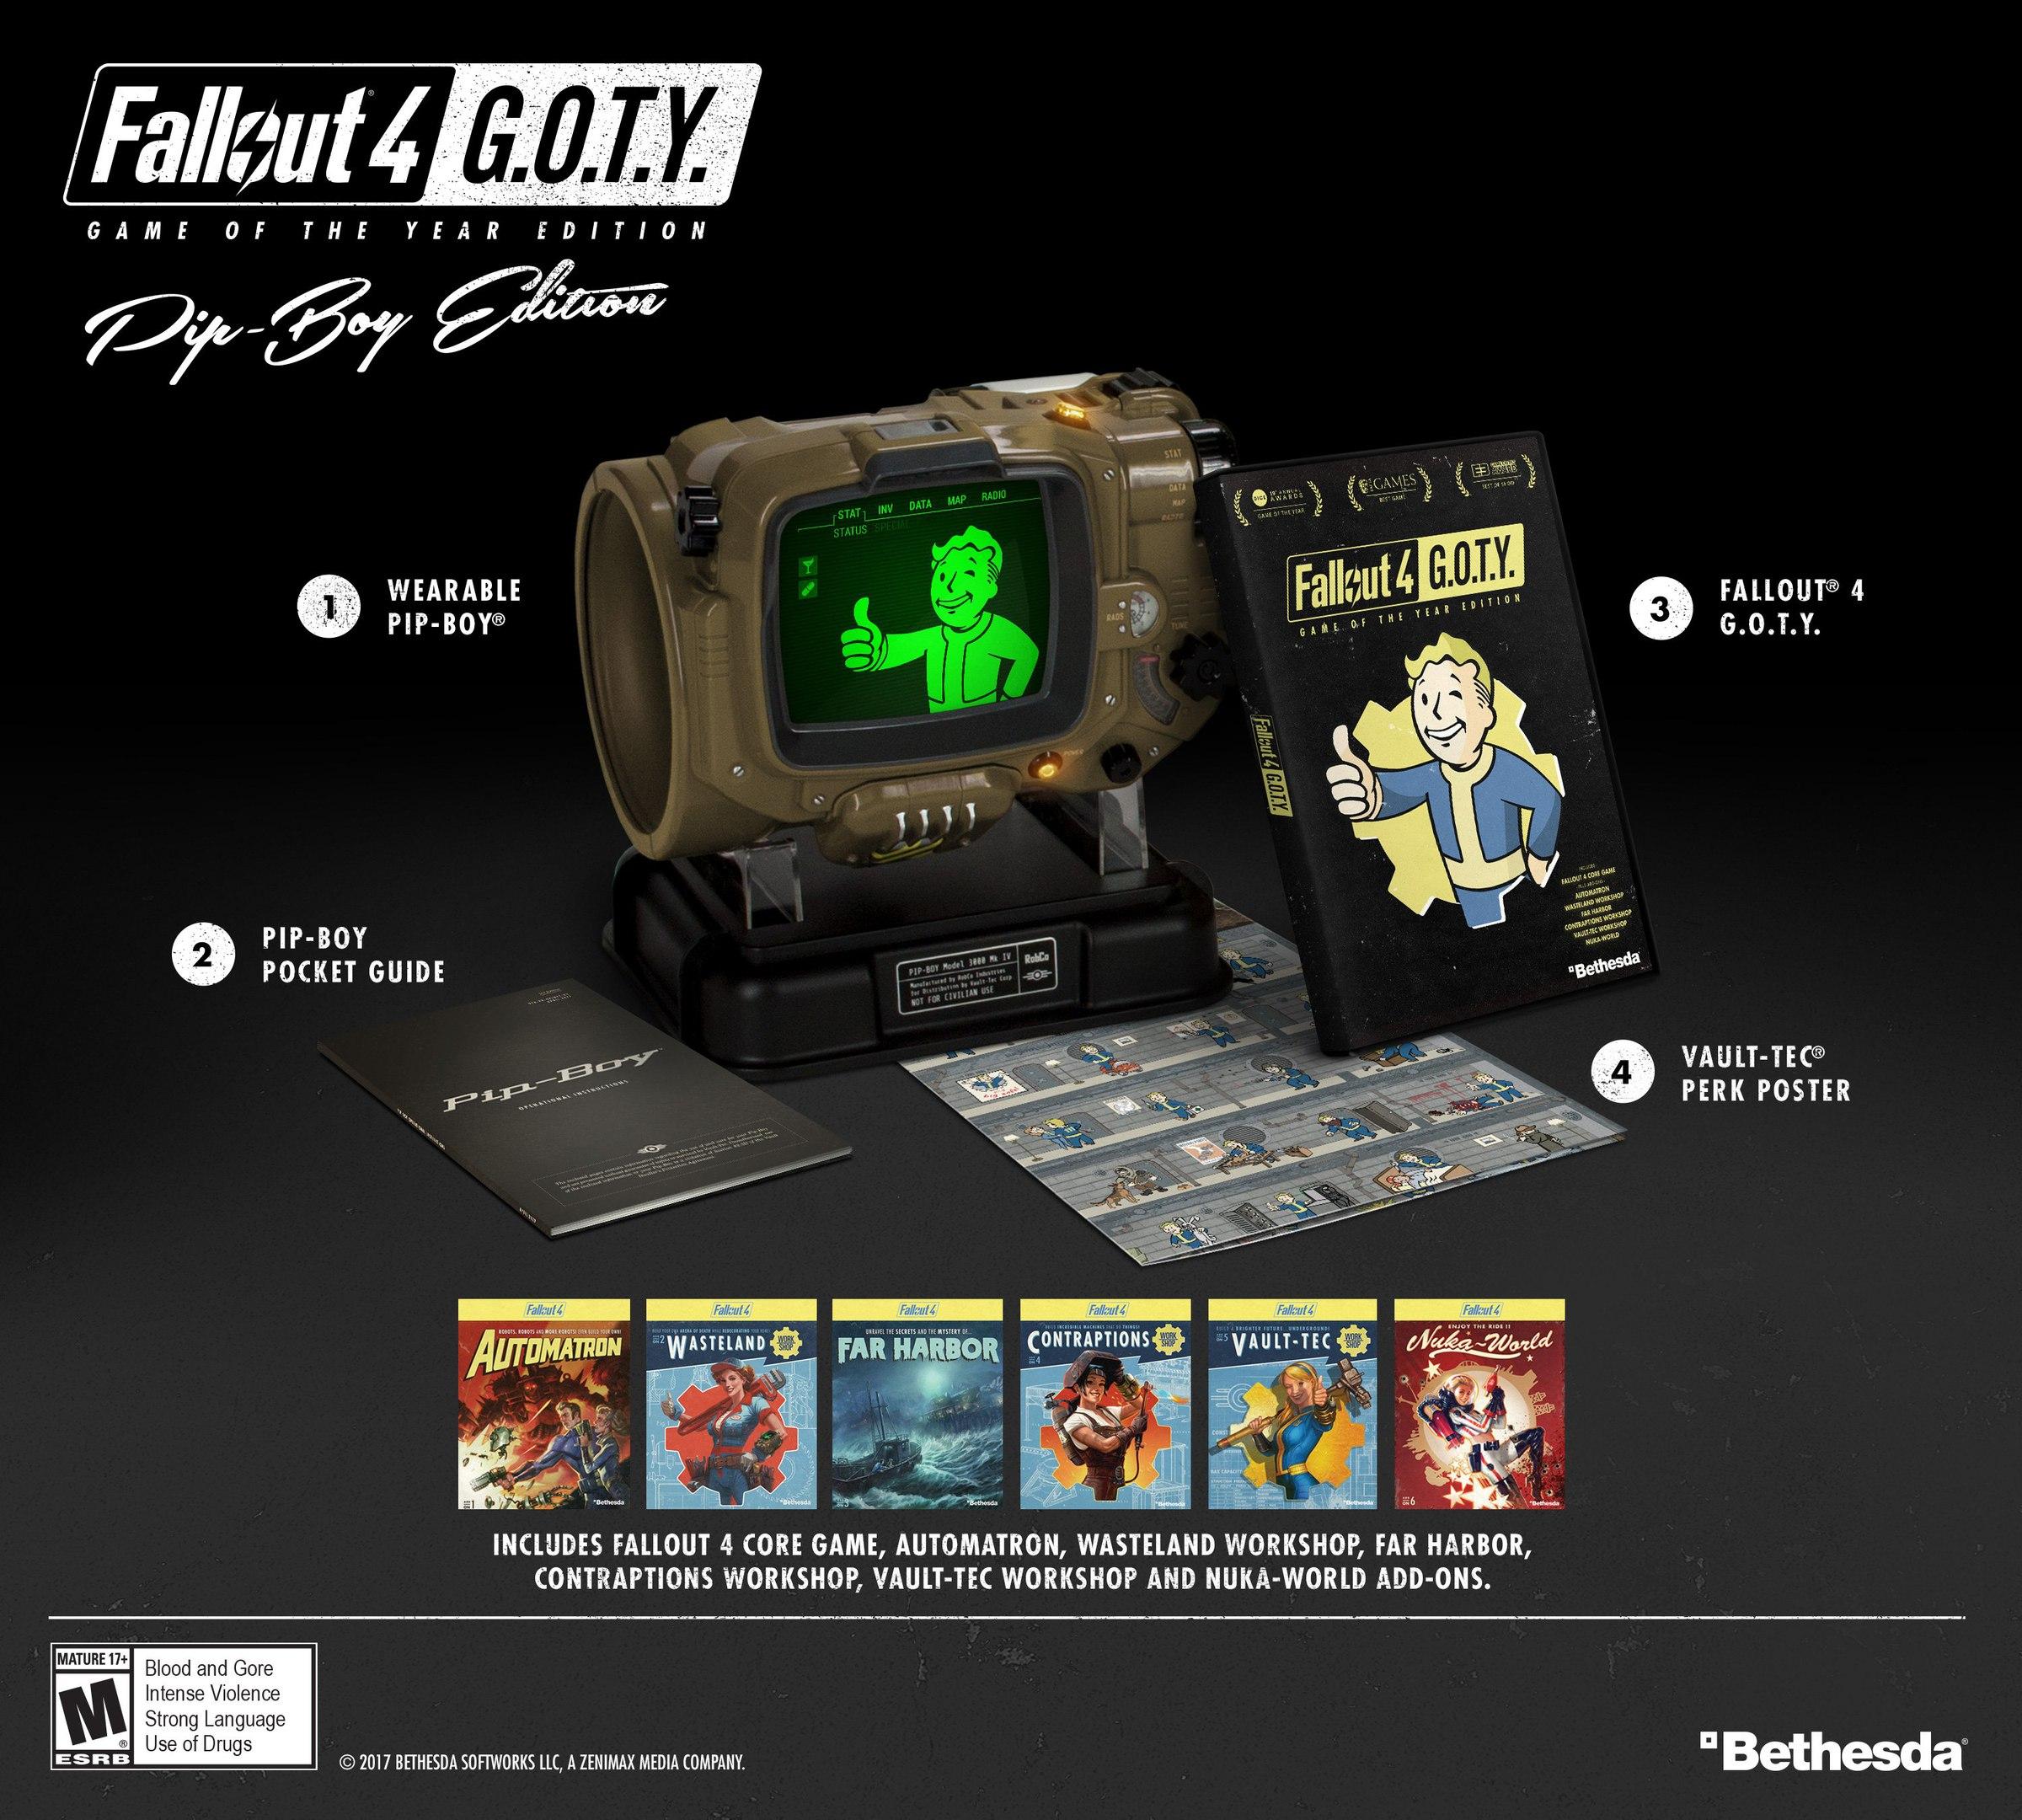 Вернитесь в Пустошь 26 сентября в Fallout 4: Game of the Year Edition.